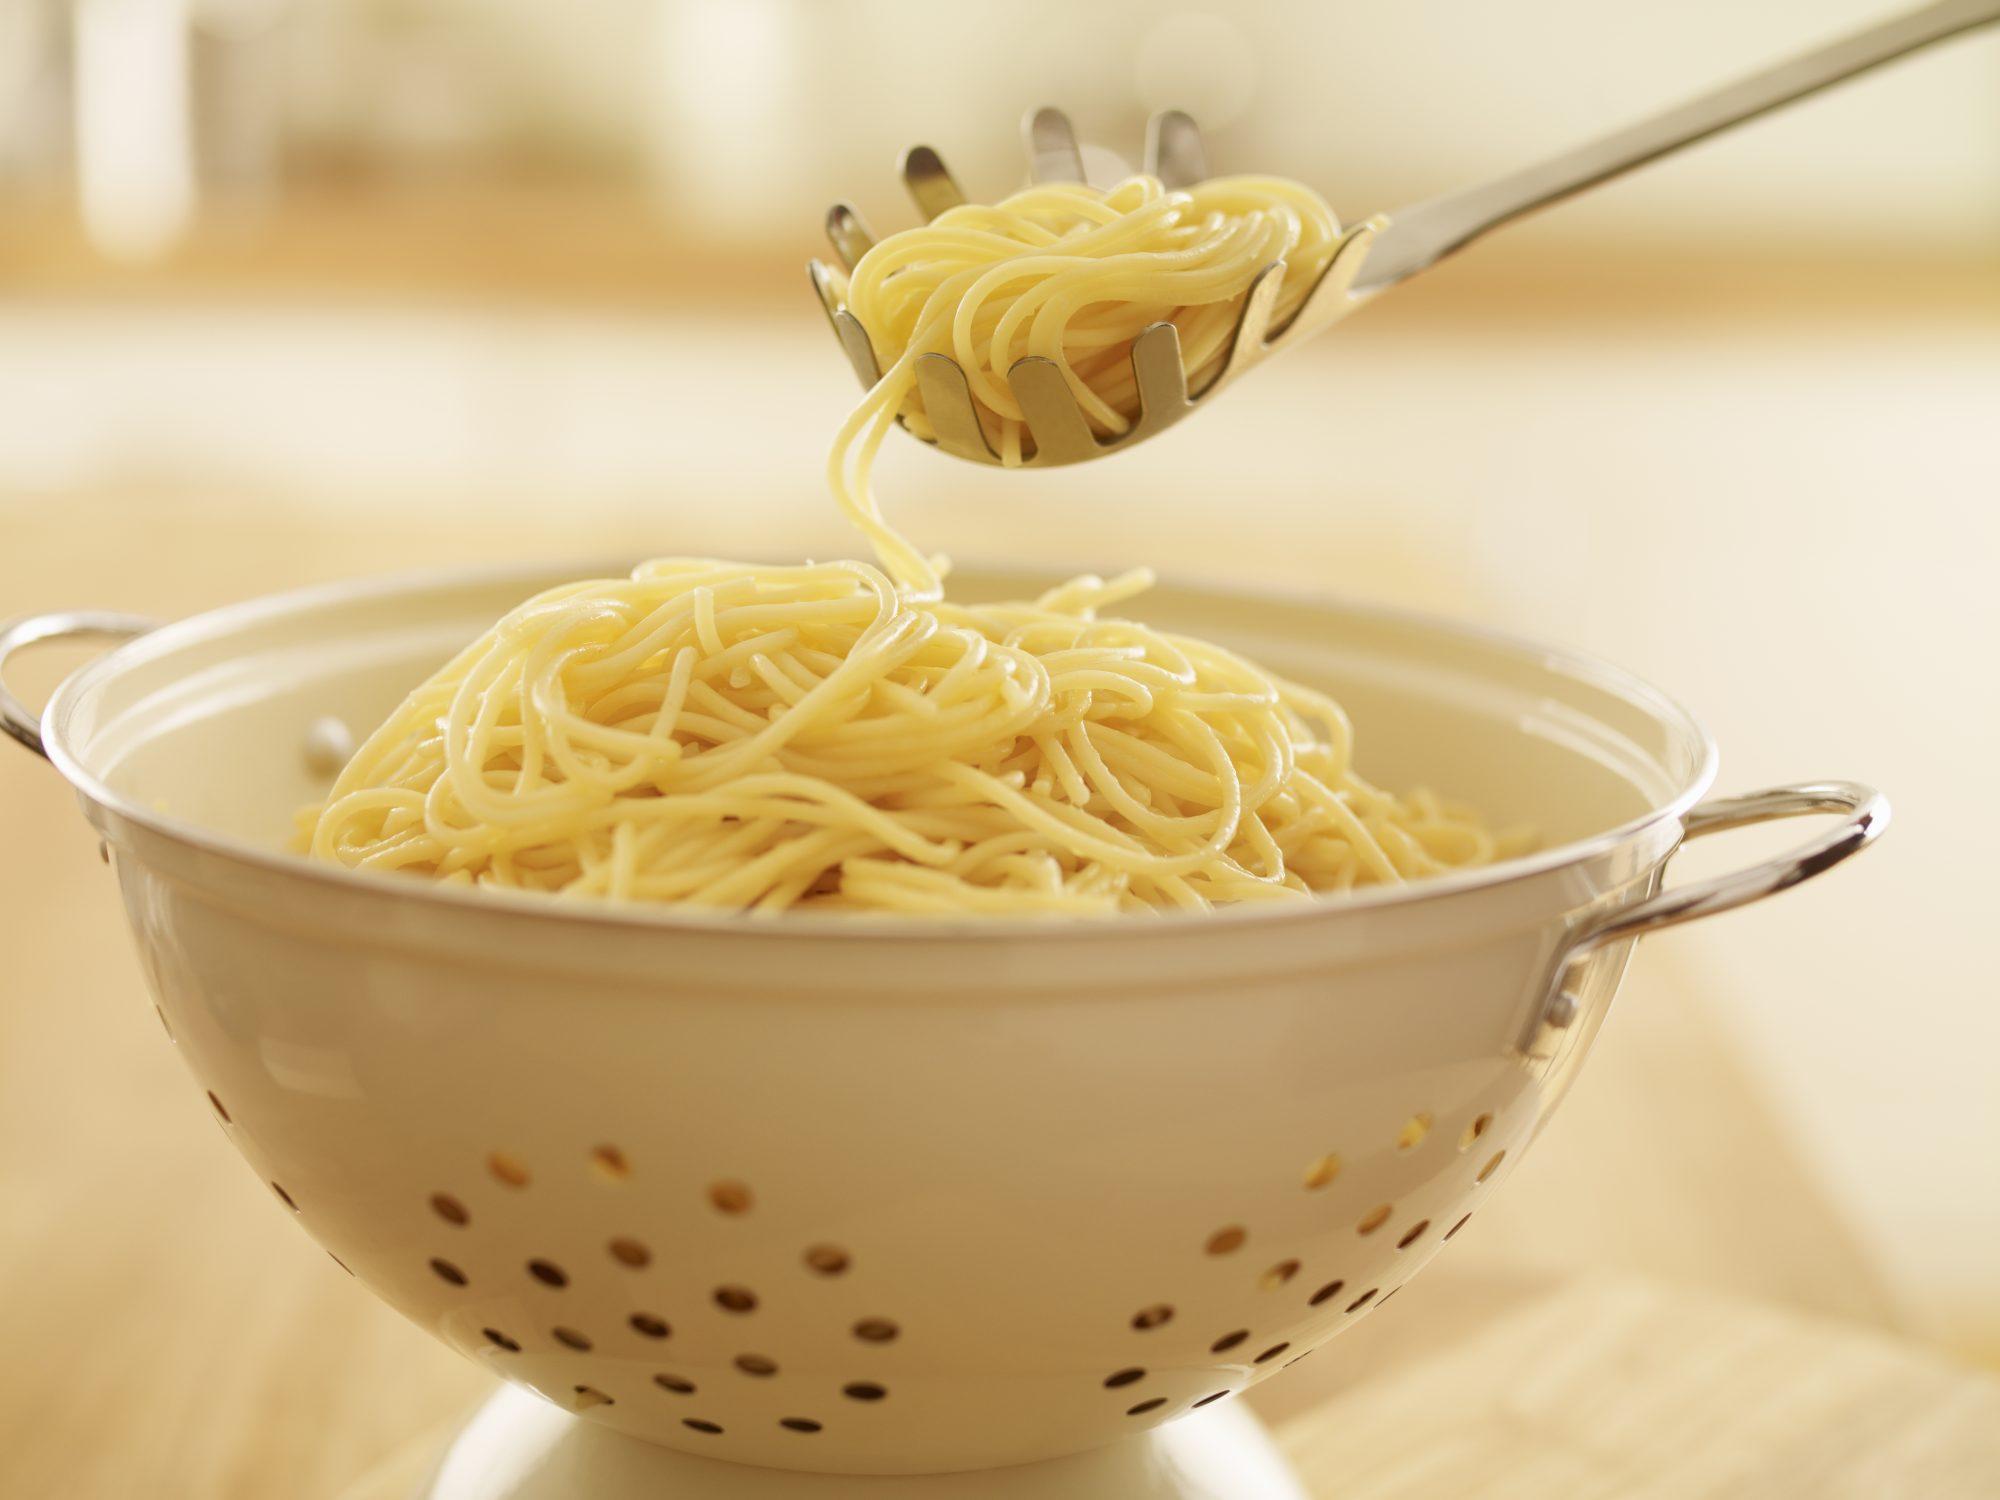 spaghetti in colander